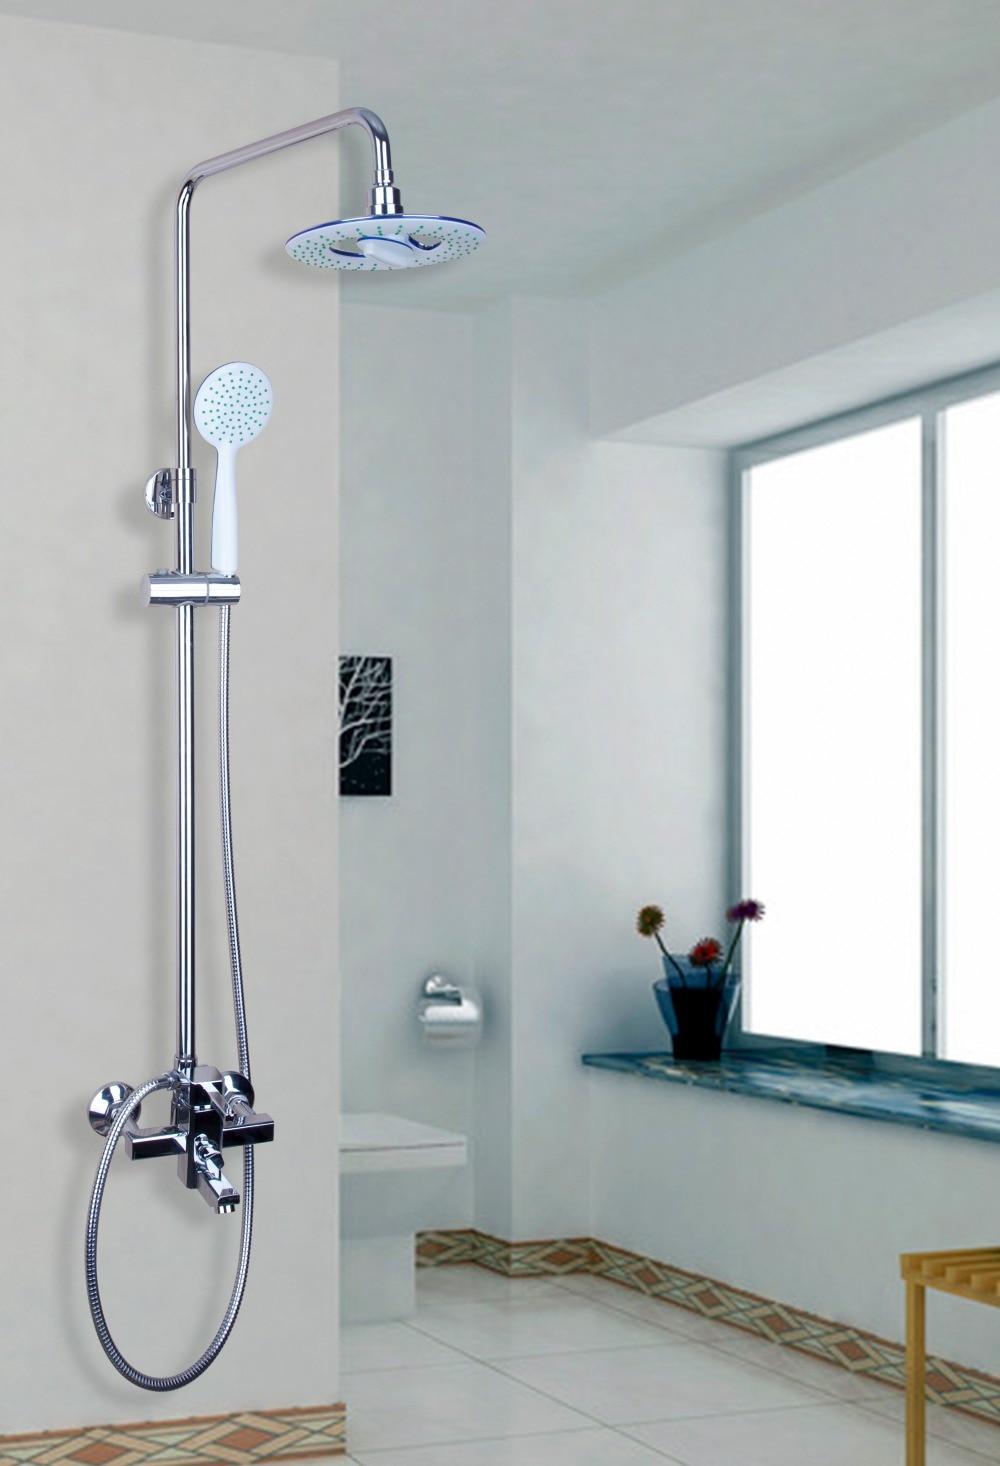 8 inch Rainfall Shower Head Bathroom Thermostatic Bathtub Shower ...